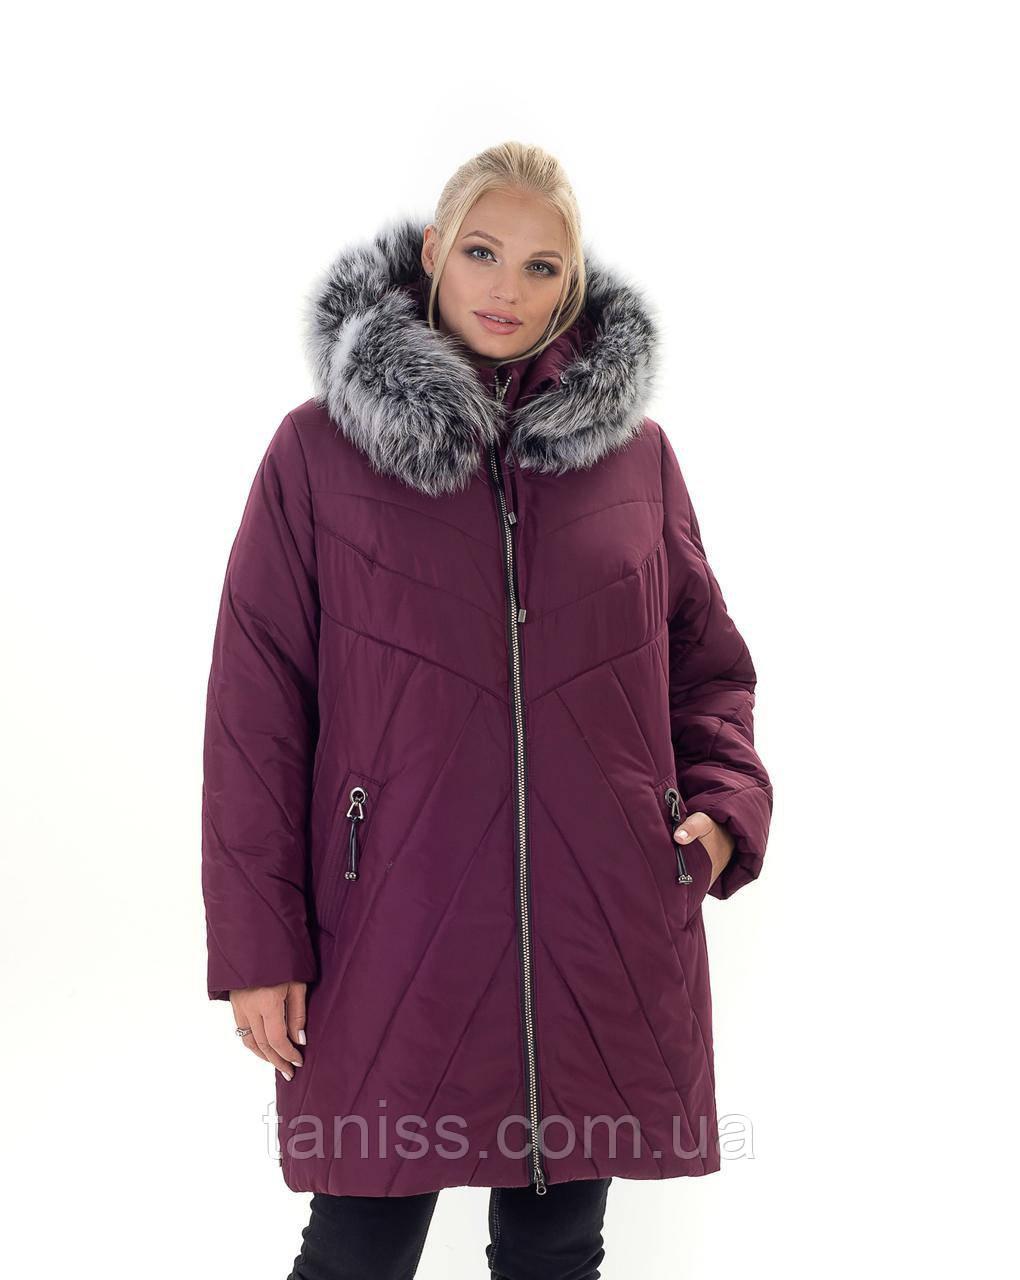 Зимняя женская куртка, большого размера, с натуральным мехом,капюшон съемный ,размеры 56,58,марсала